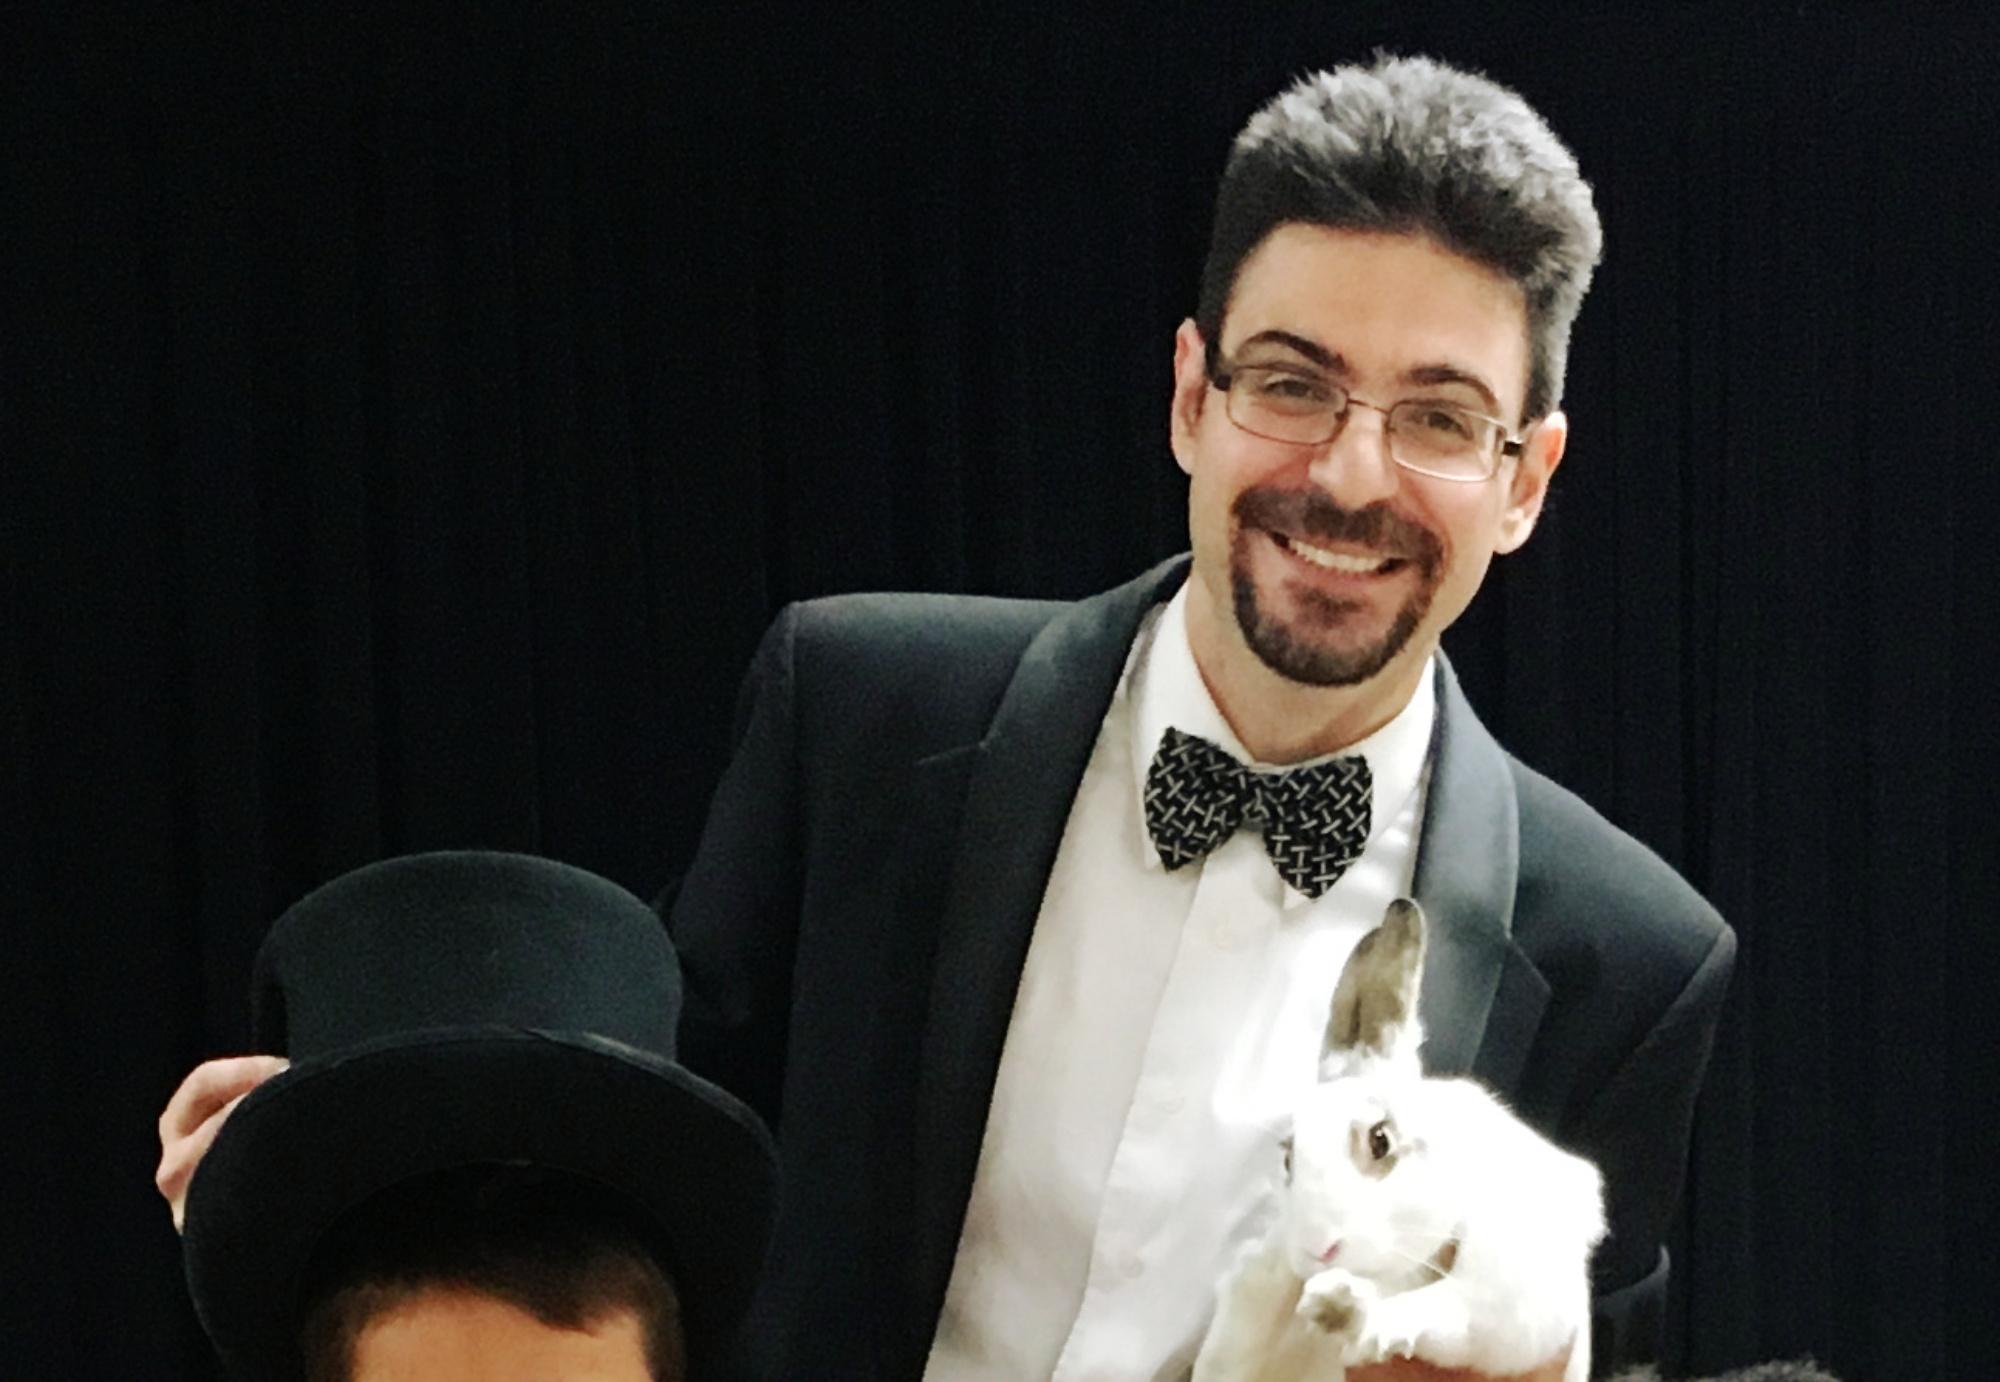 Prestino's Magic Show